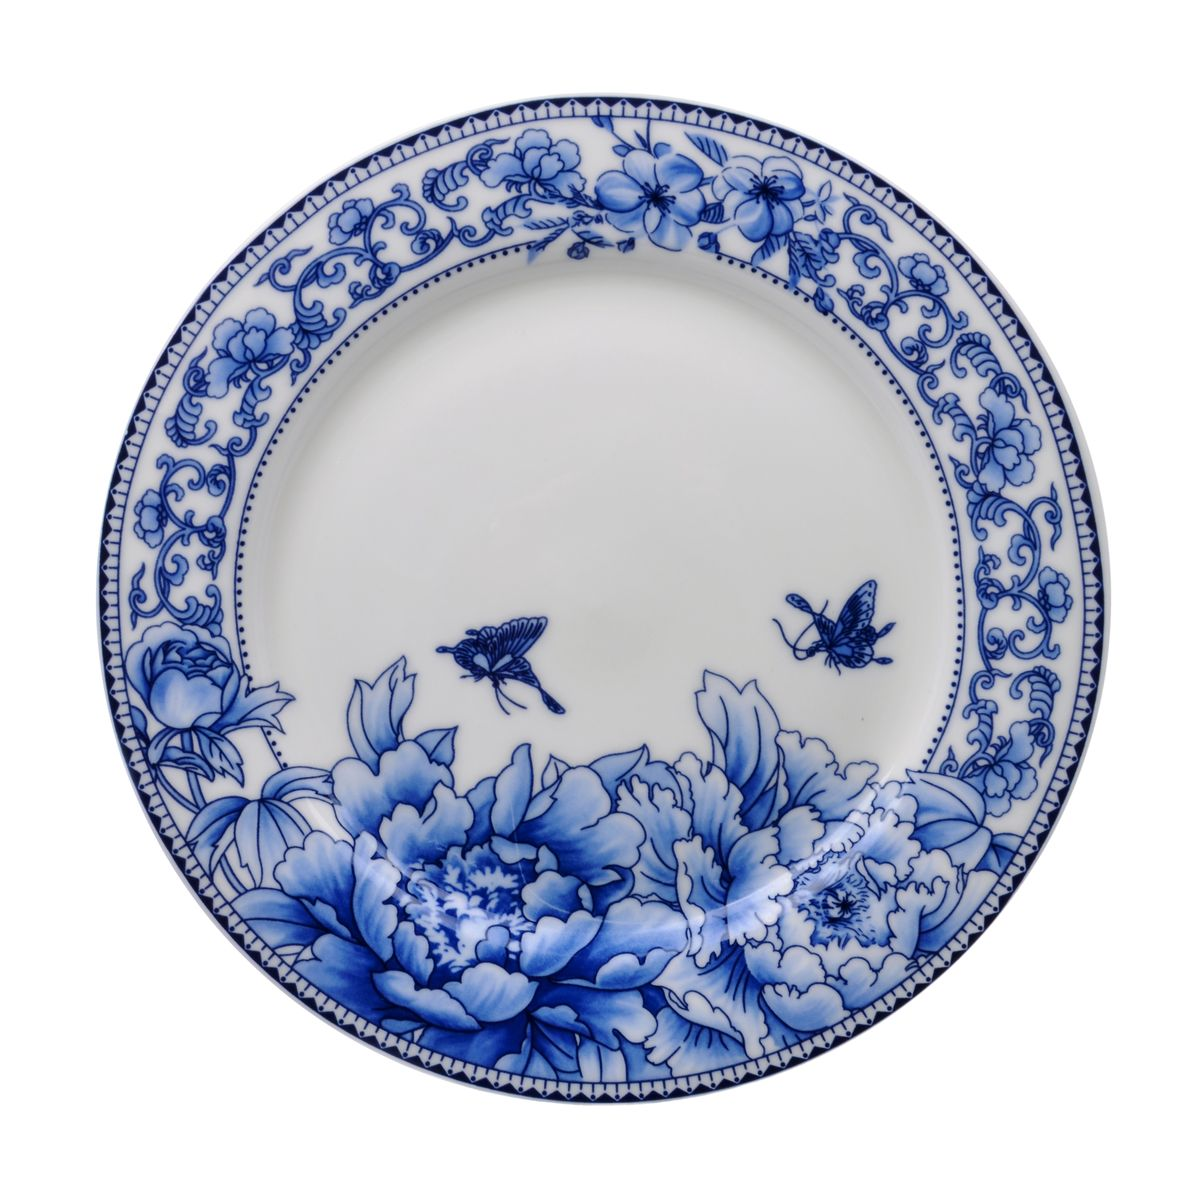 Тарелка для горячего Nanshan Porcelain Наньшань, диаметр 22,5GNNSNN008Тарелка для горячего Nanshan Porcelain Наньшань изготовлена из высококачественной керамики. Предназначена для красивой подачи различных блюд. Изделие декорировано ярким цветочным принтом.Такая тарелка украсит сервировку стола и подчеркнет прекрасный вкус хозяйки. Можно мыть в посудомоечной машине и использовать в СВЧ.Диаметр: 22,5 см. Высота: 2 см.